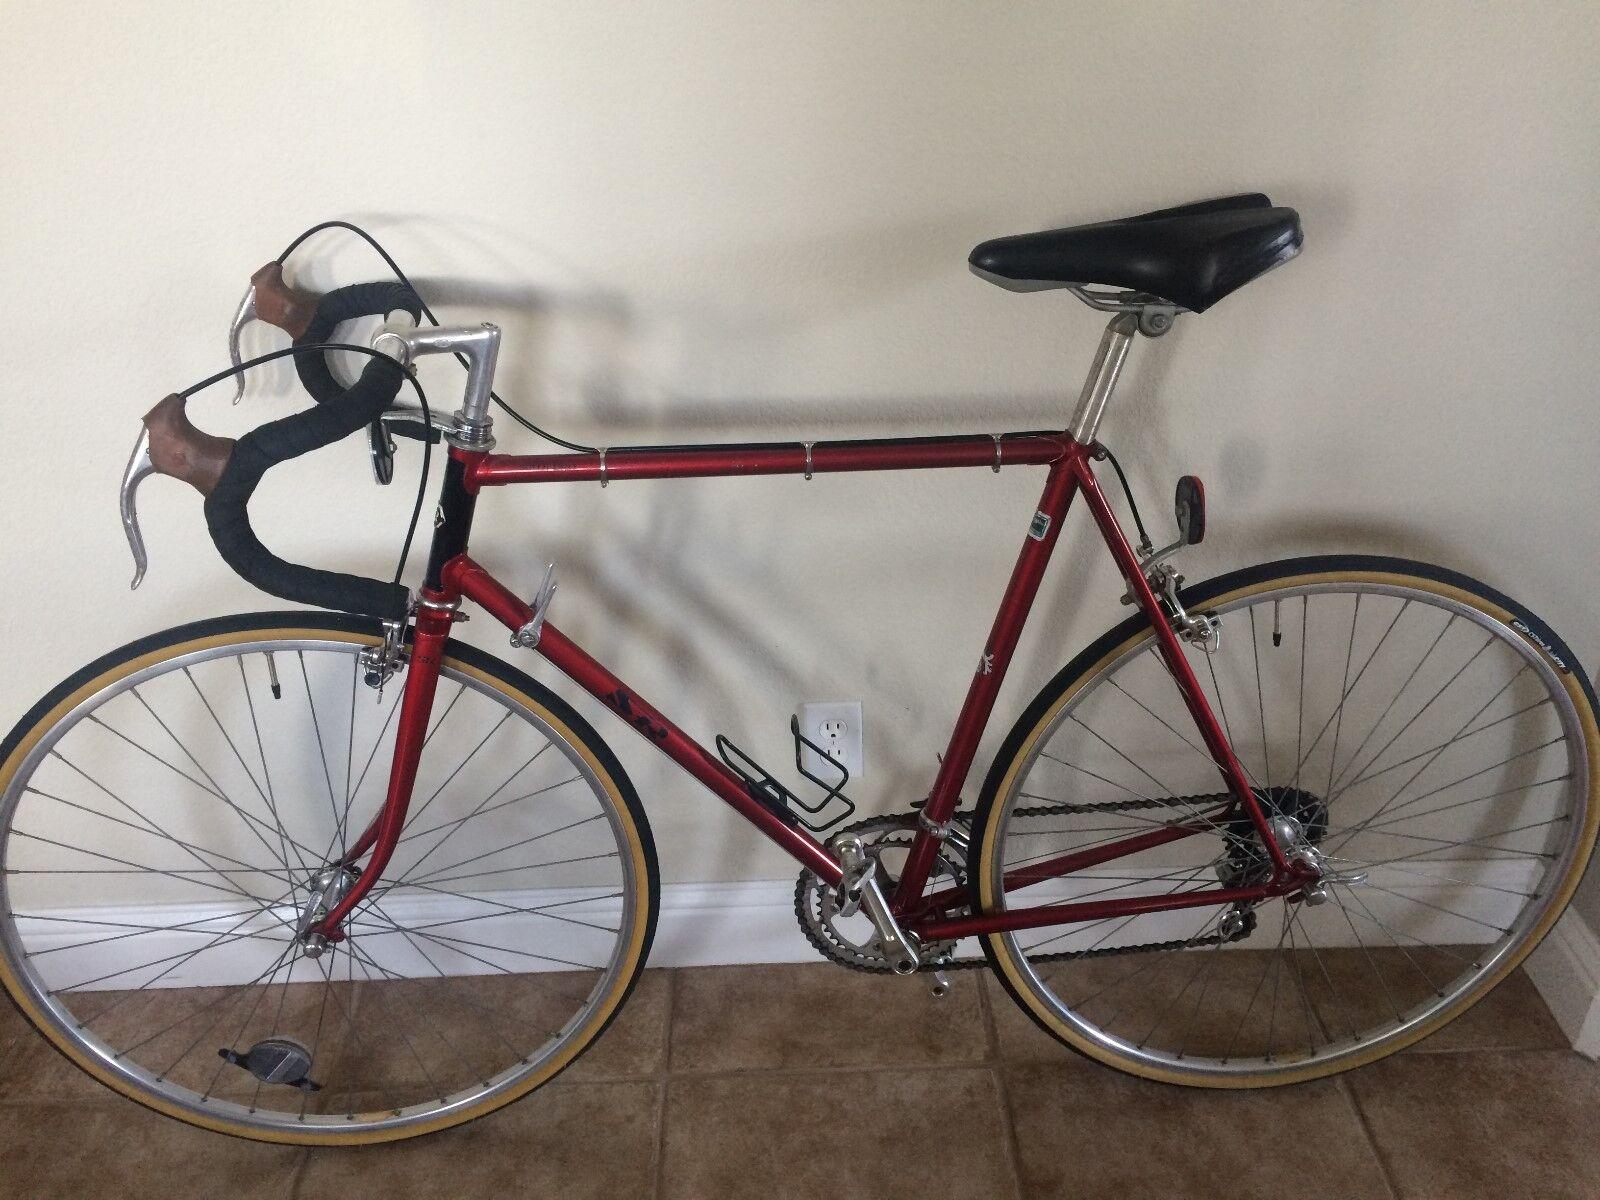 SR Semi Pro 1982 Vintage  Road Bike-Red Steel Frame-Shimano Parts-Original Owner  just buy it